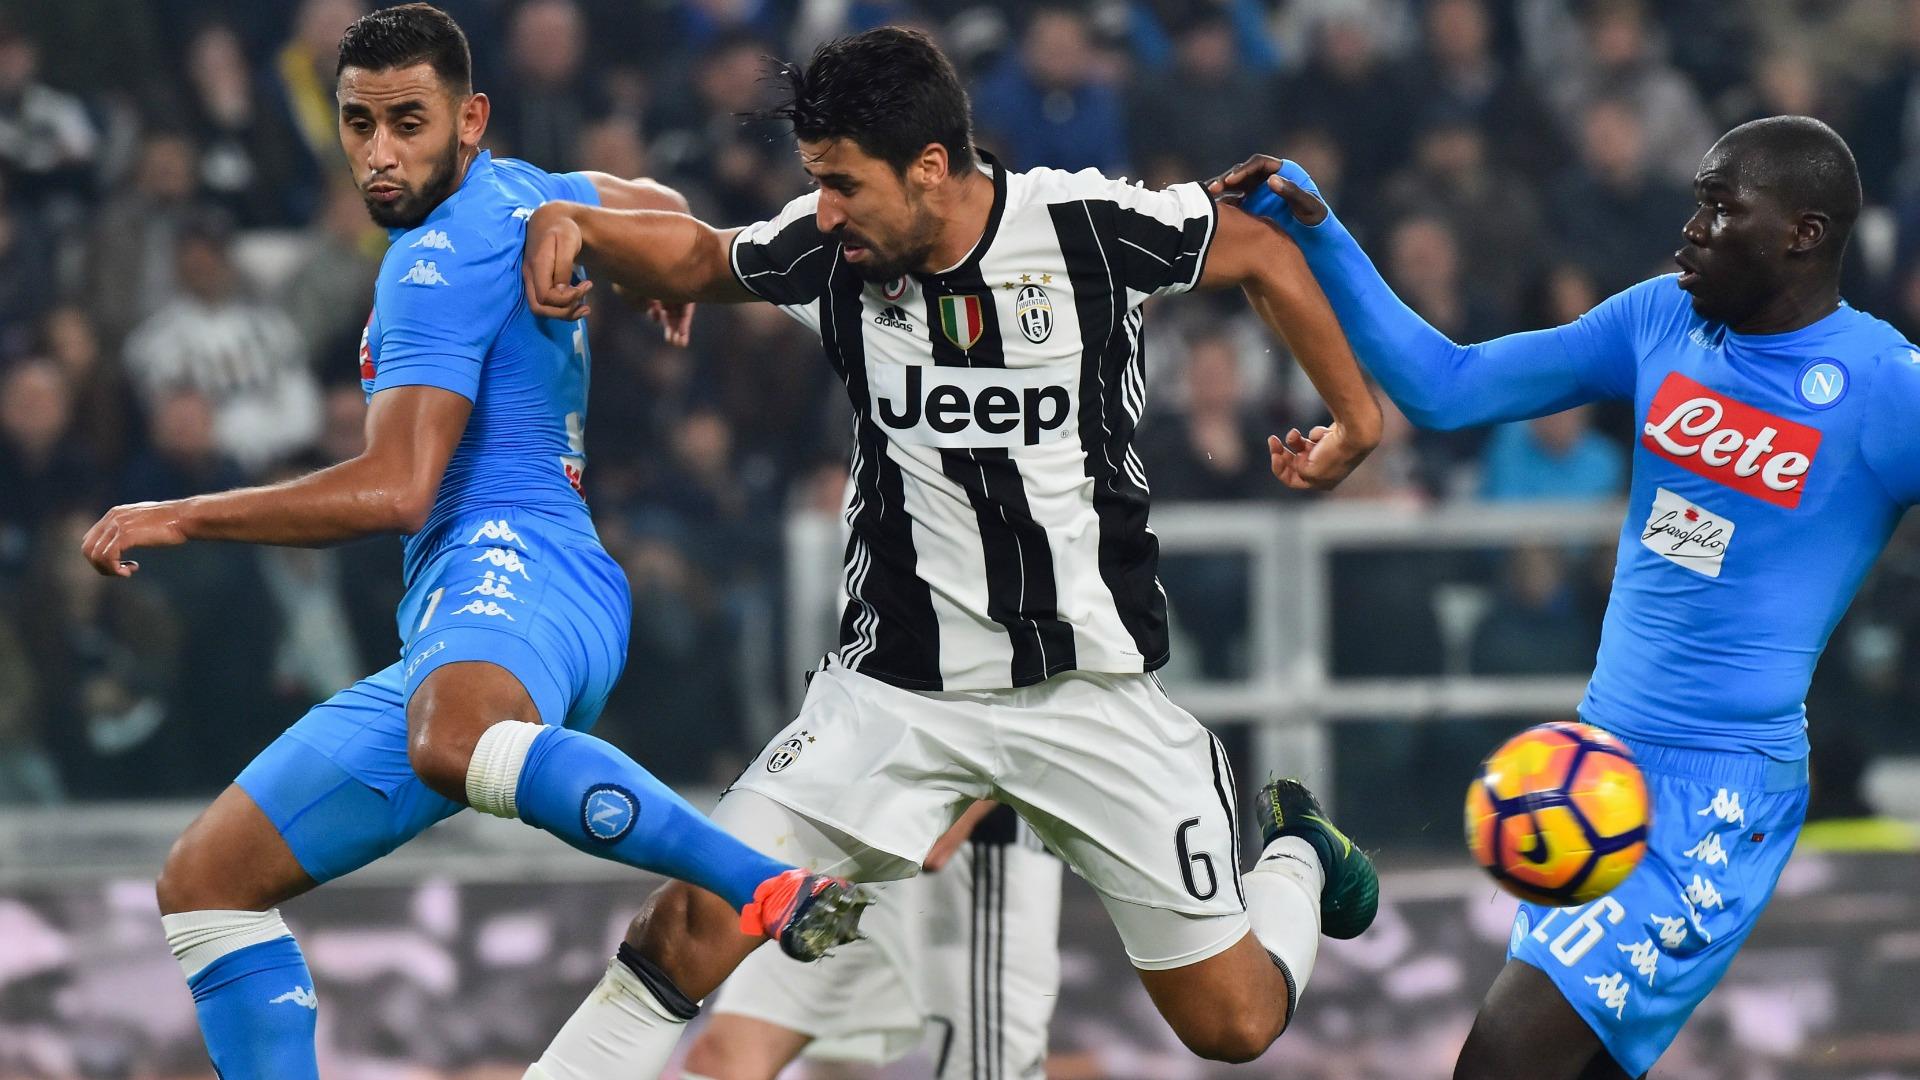 Calciomercato Napoli, NO a Juventus e Milan per un giocatore azzurro!